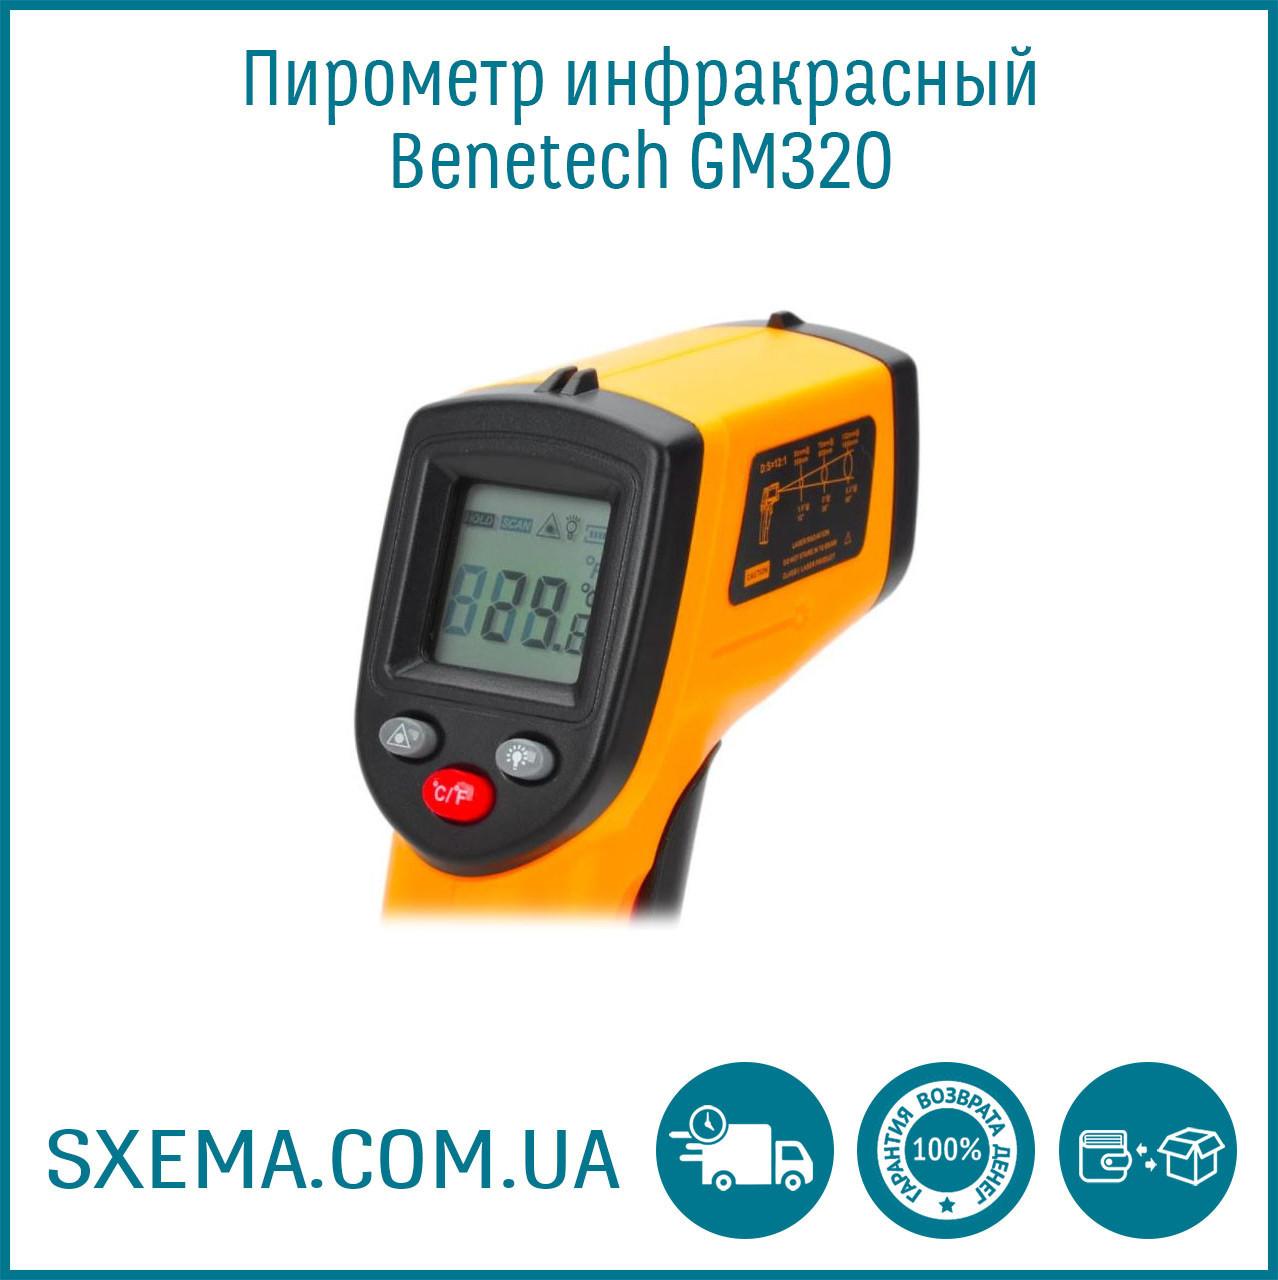 Пирометр инфракрасный Benetech GM320 бесконтактный термометр, от-50 до +380c